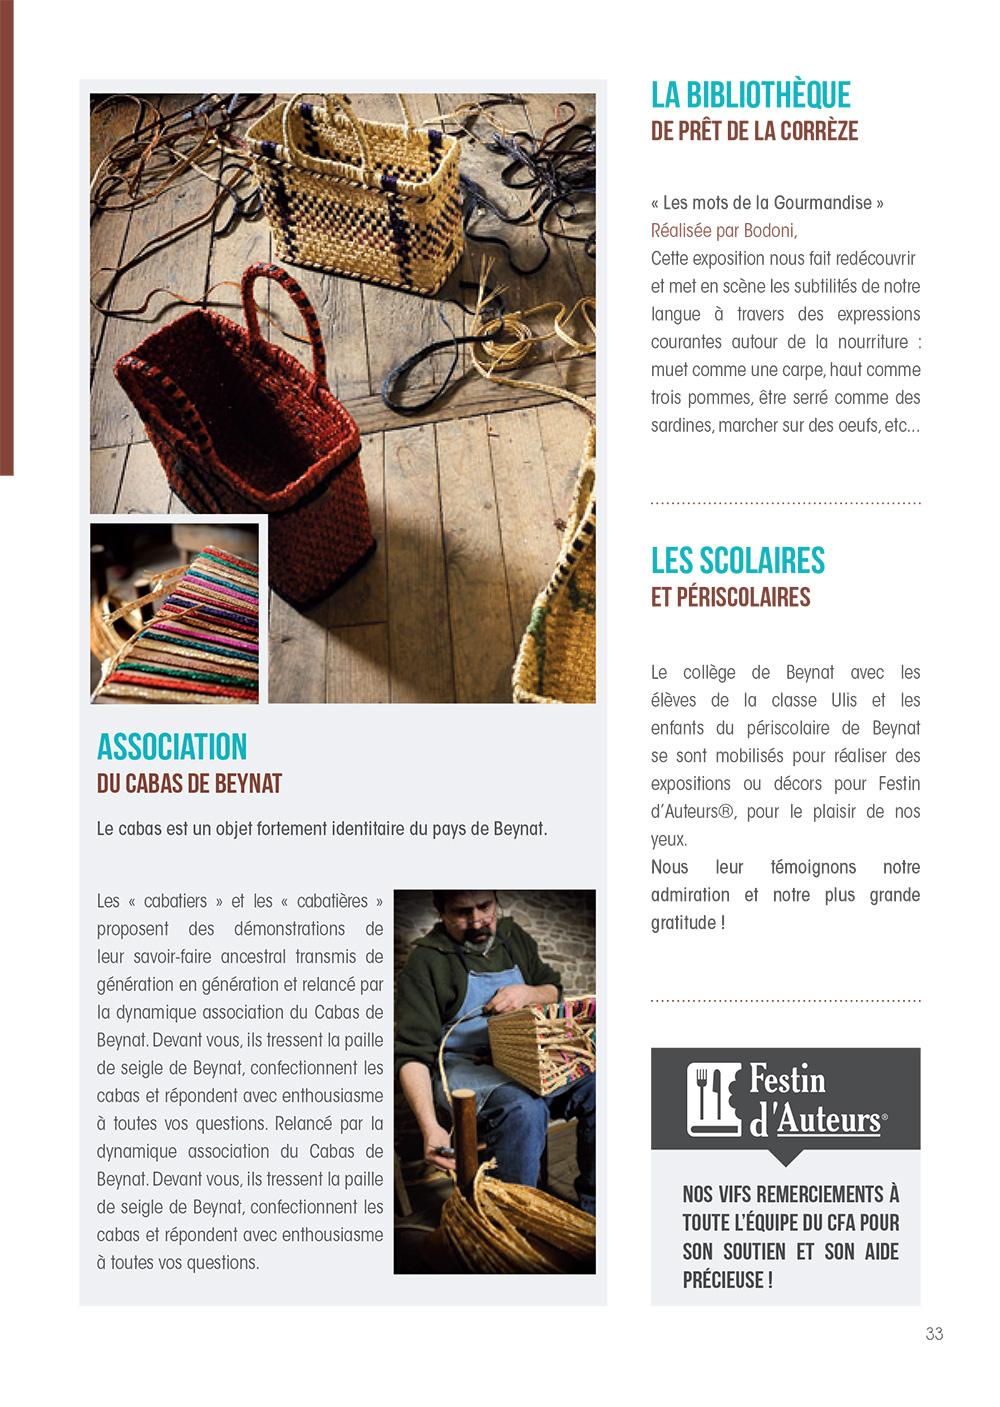 Réalisation Comevents - Festin d'Auteurs - Programme - Page intérieure